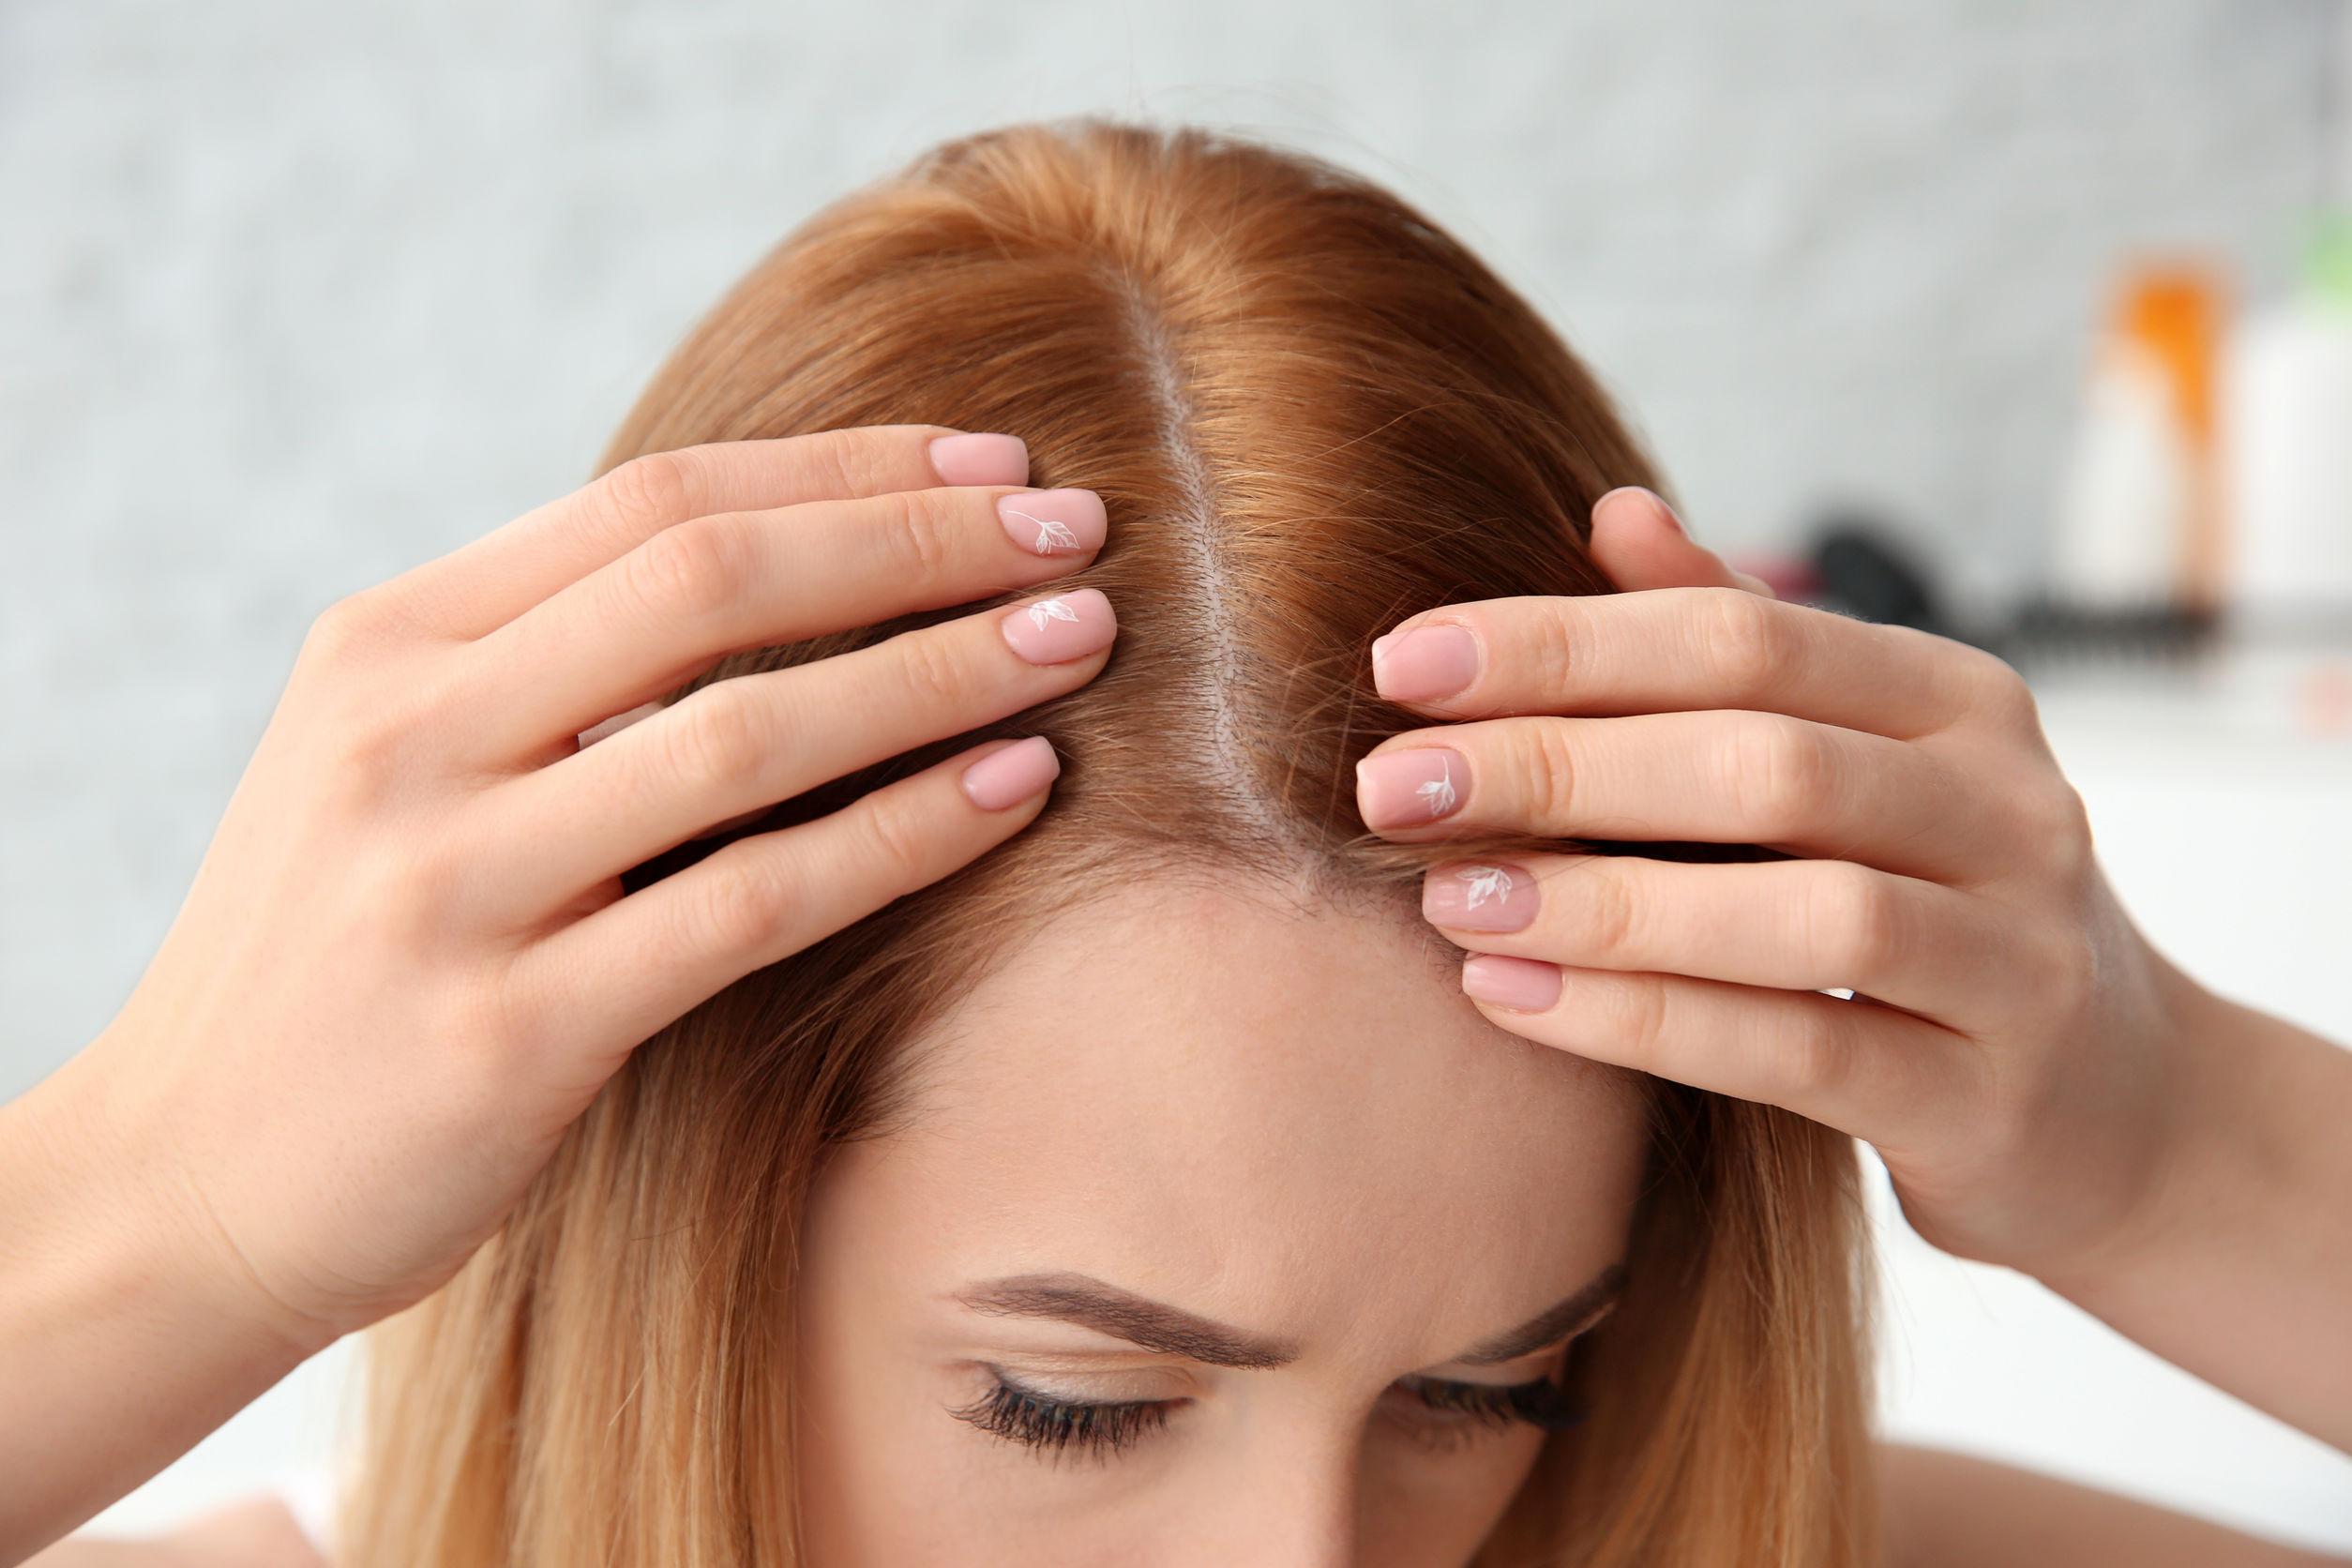 Mujer joven feliz lavándose el cabello con champú, manos con espuma de cerca.